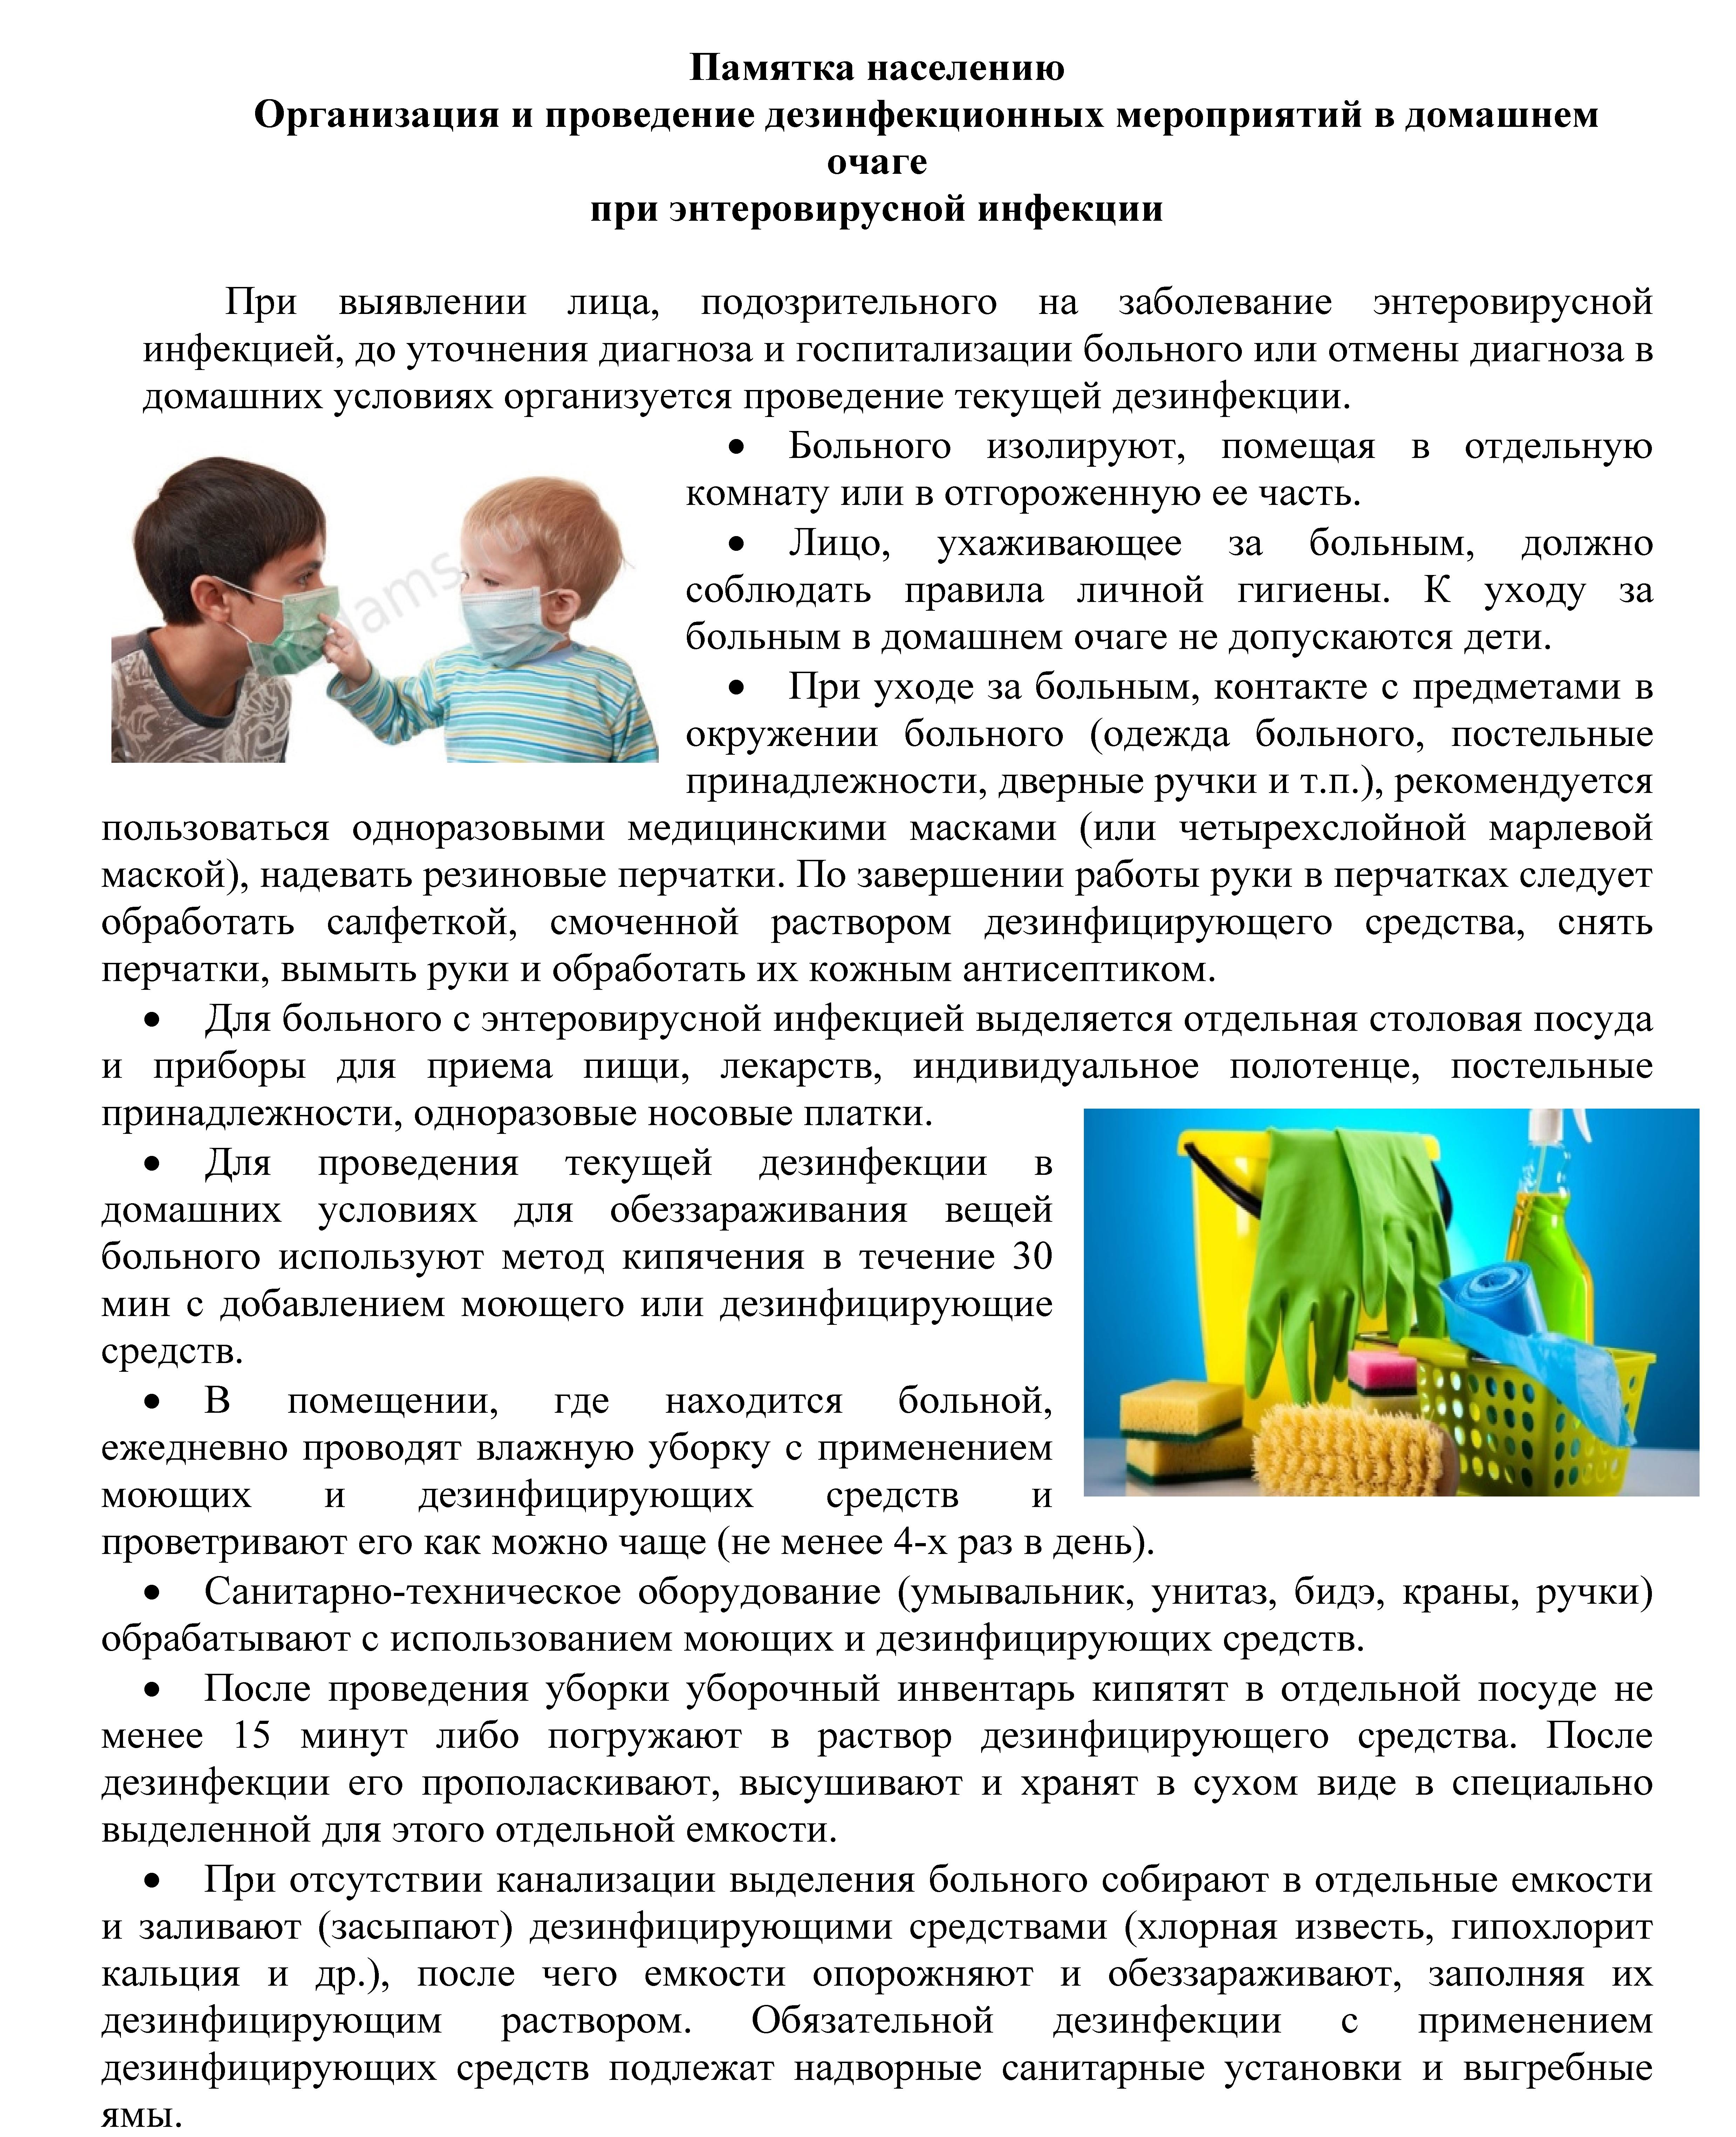 Энтеровирусная инфекция у взрослых. причины, симптомы и лечение. профилактика инфекционных заболеваний